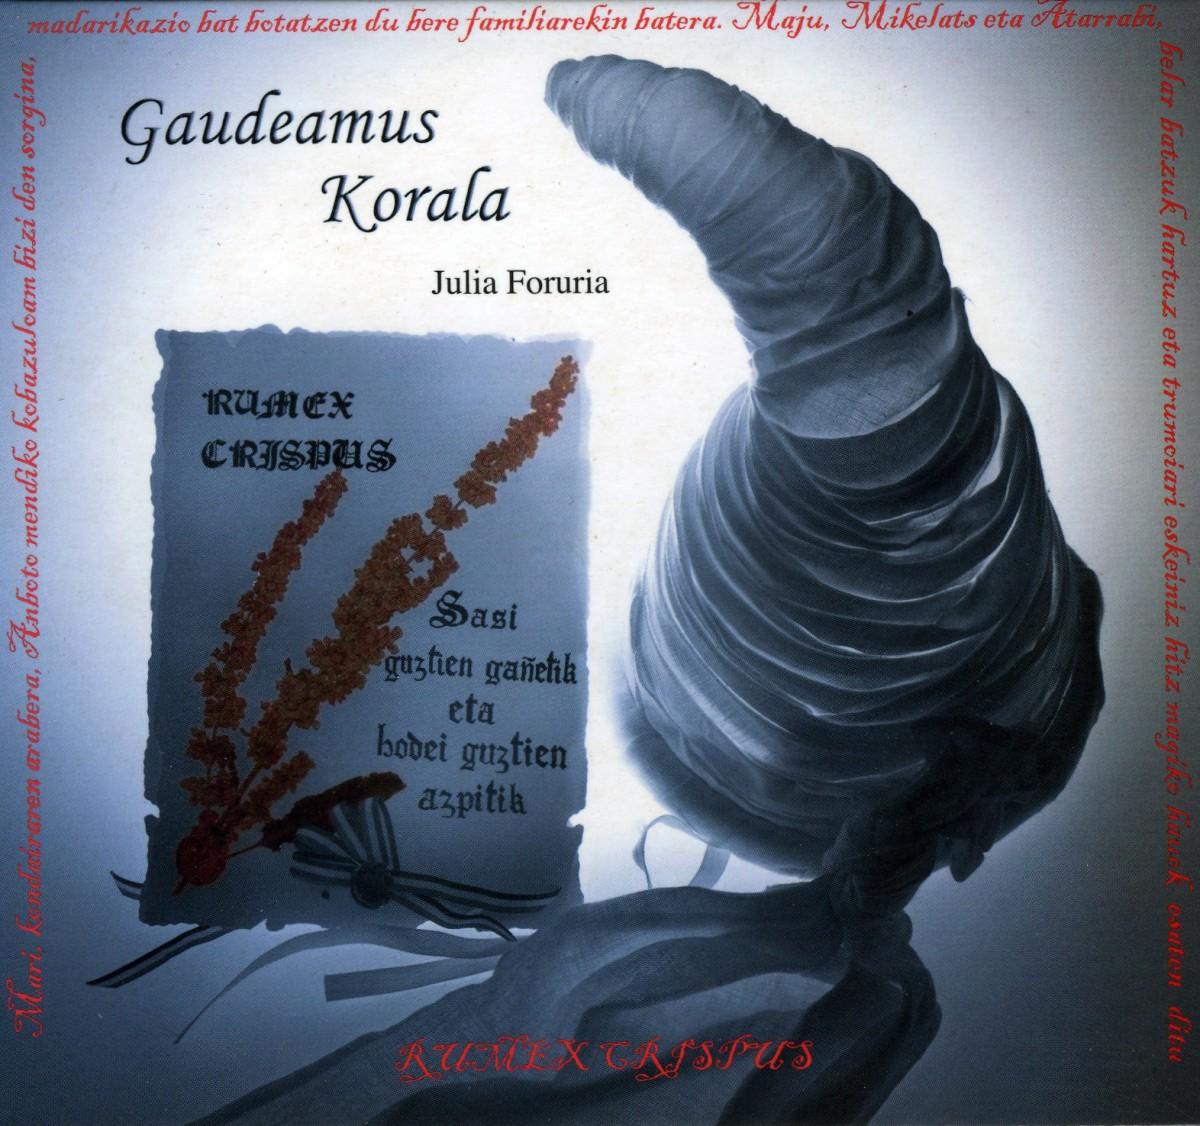 gaudeamus_korala